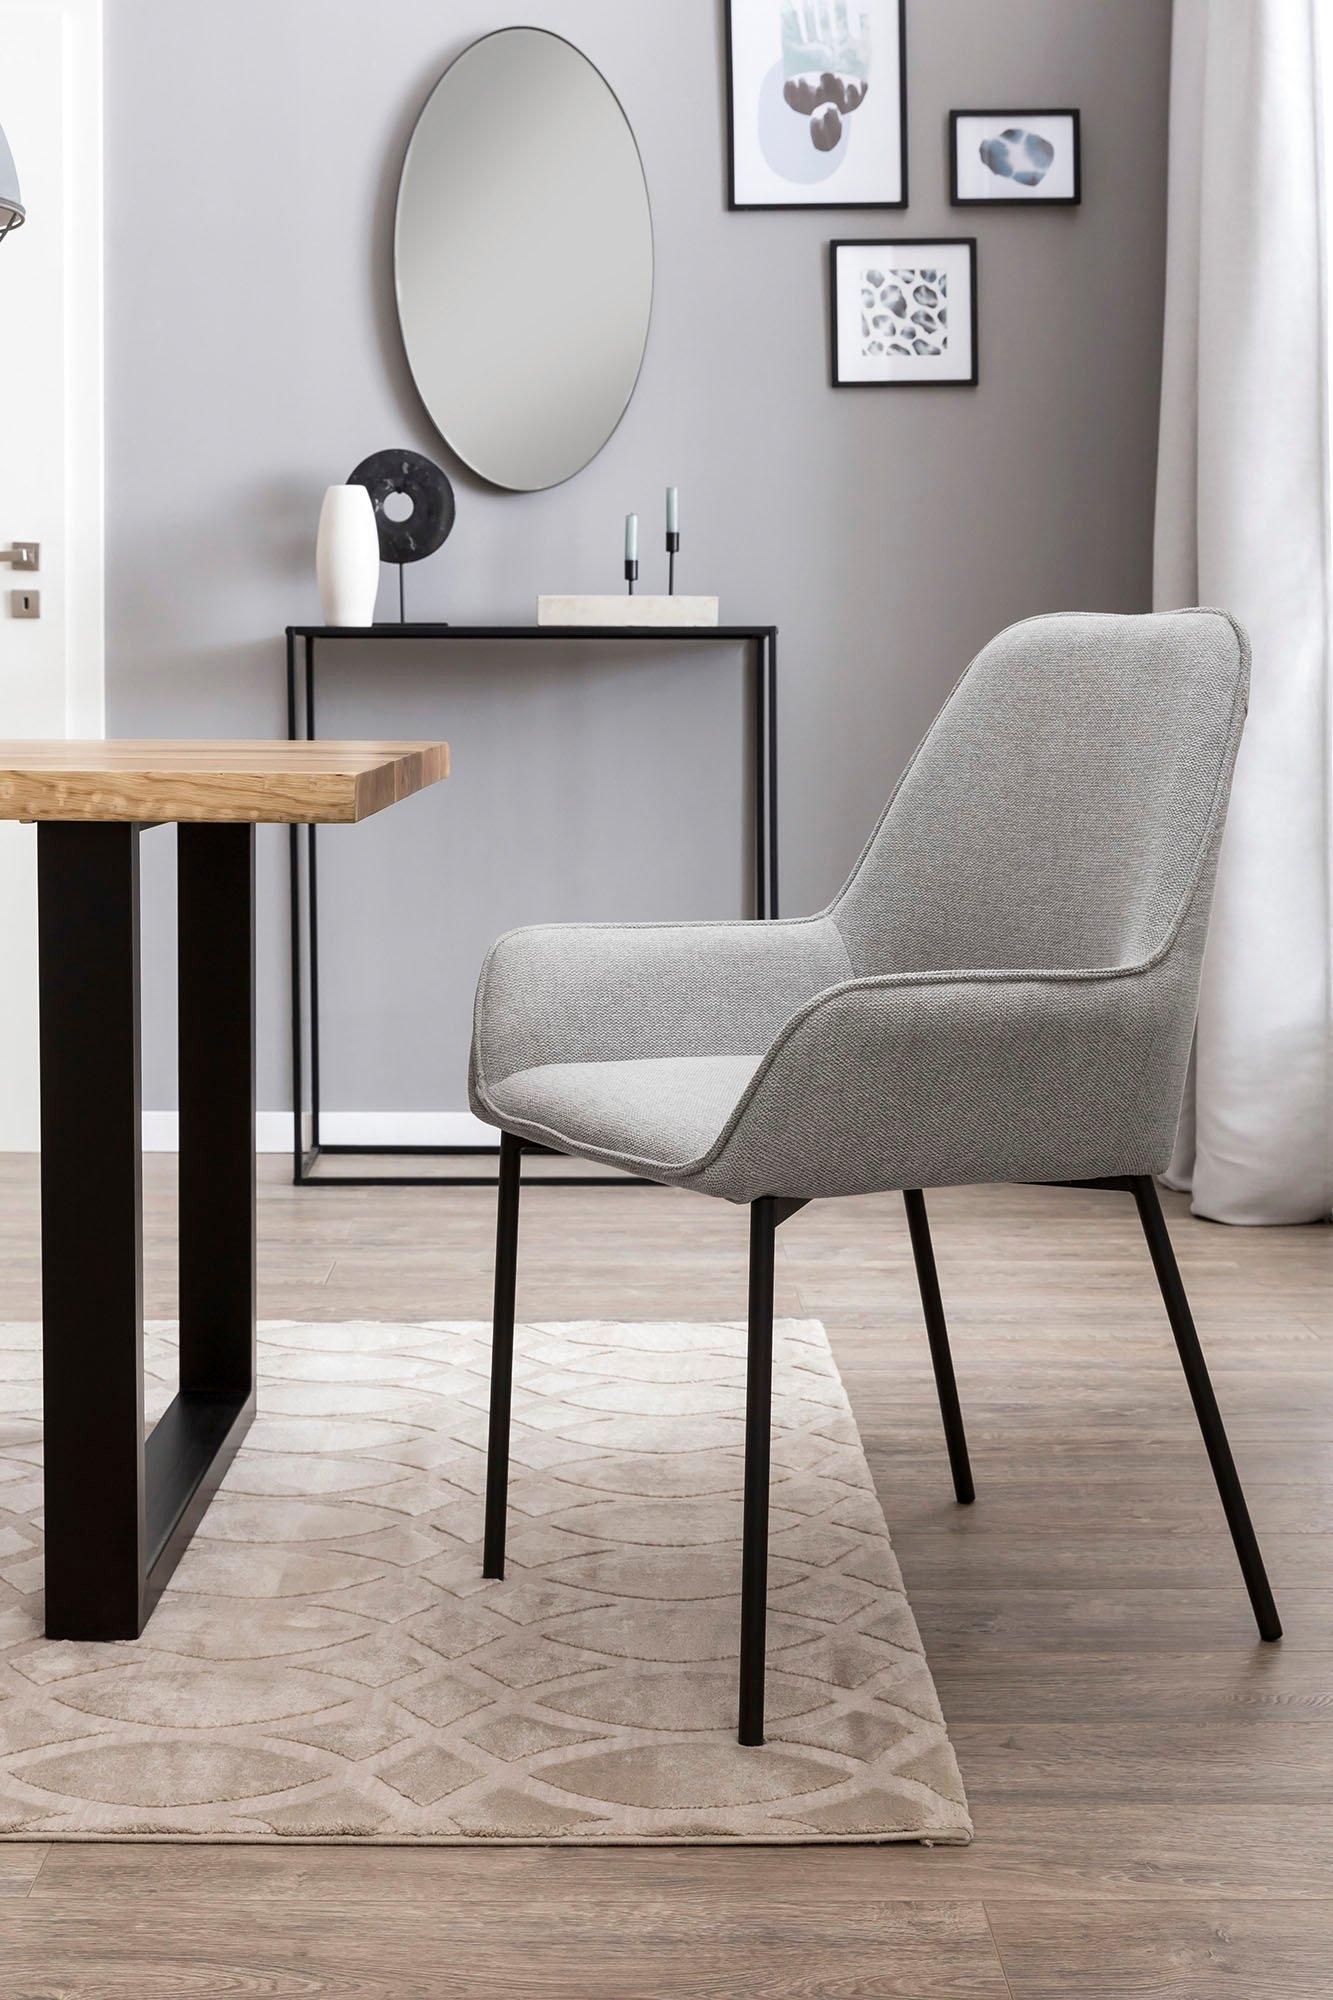 SalesFever eetkamerstoel Bekleding van structuurstof (set, 2 stuks) online kopen op otto.nl